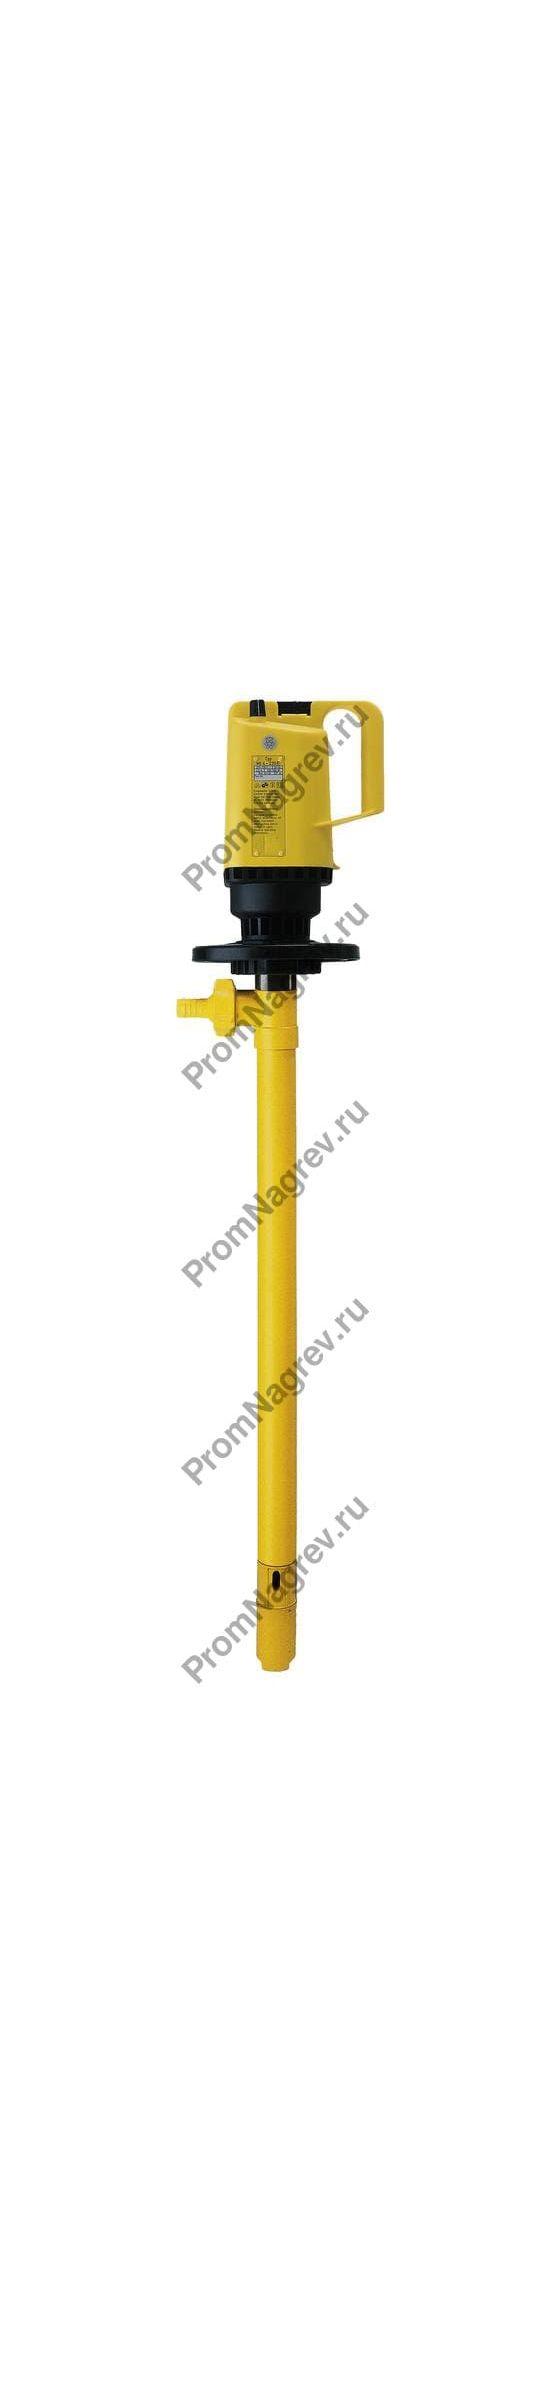 Электрический насос для опорожнения бочек с кислотой и щелочью, только насос без арматуры, глубина погружения 1000 мм